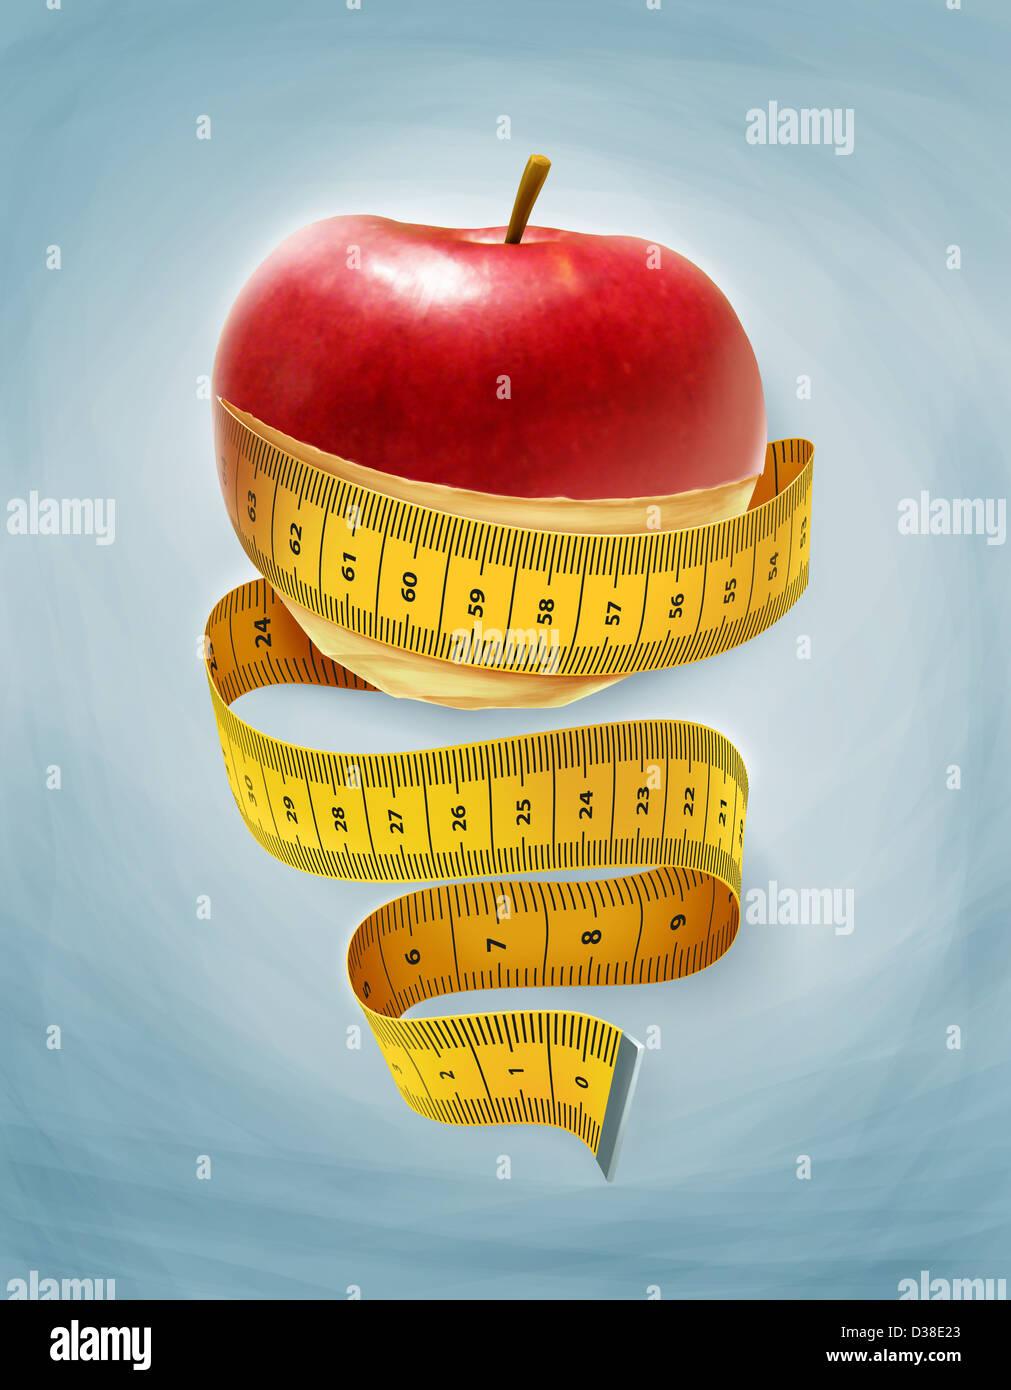 Immagine illustrativa di un Apple avvolto con nastro di misurazione in rappresentanza di diete Immagini Stock